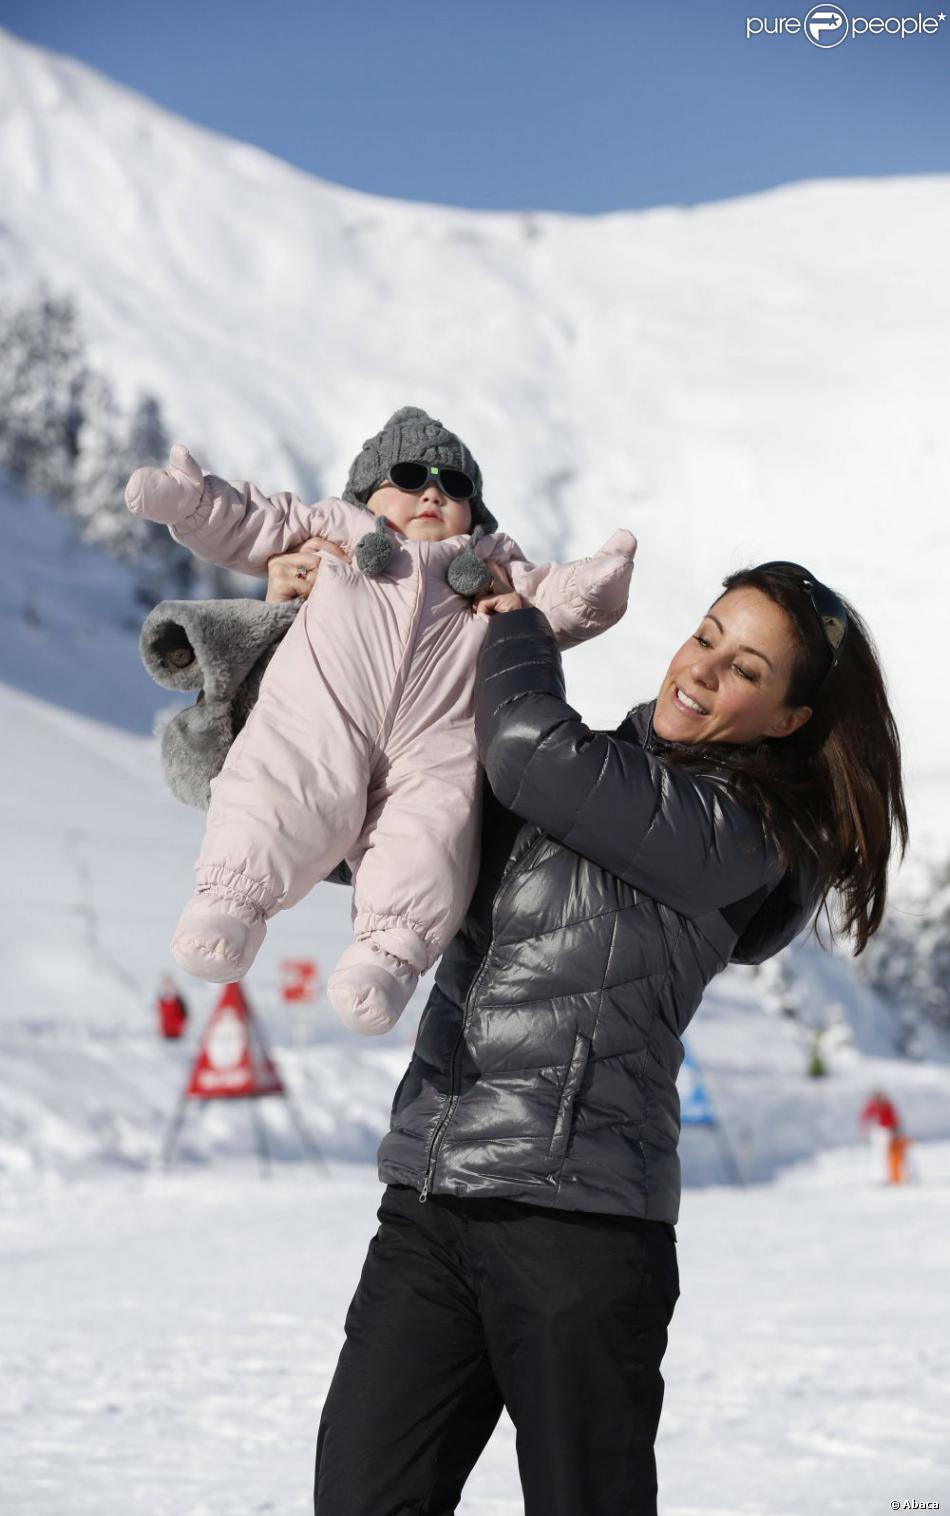 Athena super lookée pour son premier séjour aux sports d'hiver. La princesse Marie et le prince Joachim de Danemark lors de leurs vacances d'hiver à Villars-sur-Ollon, photographiés avec leurs enfants Nikolai (13 ans), Felix (11 ans), Henrik (3 ans) et Athena (1 an) au Col de la Bretaye.